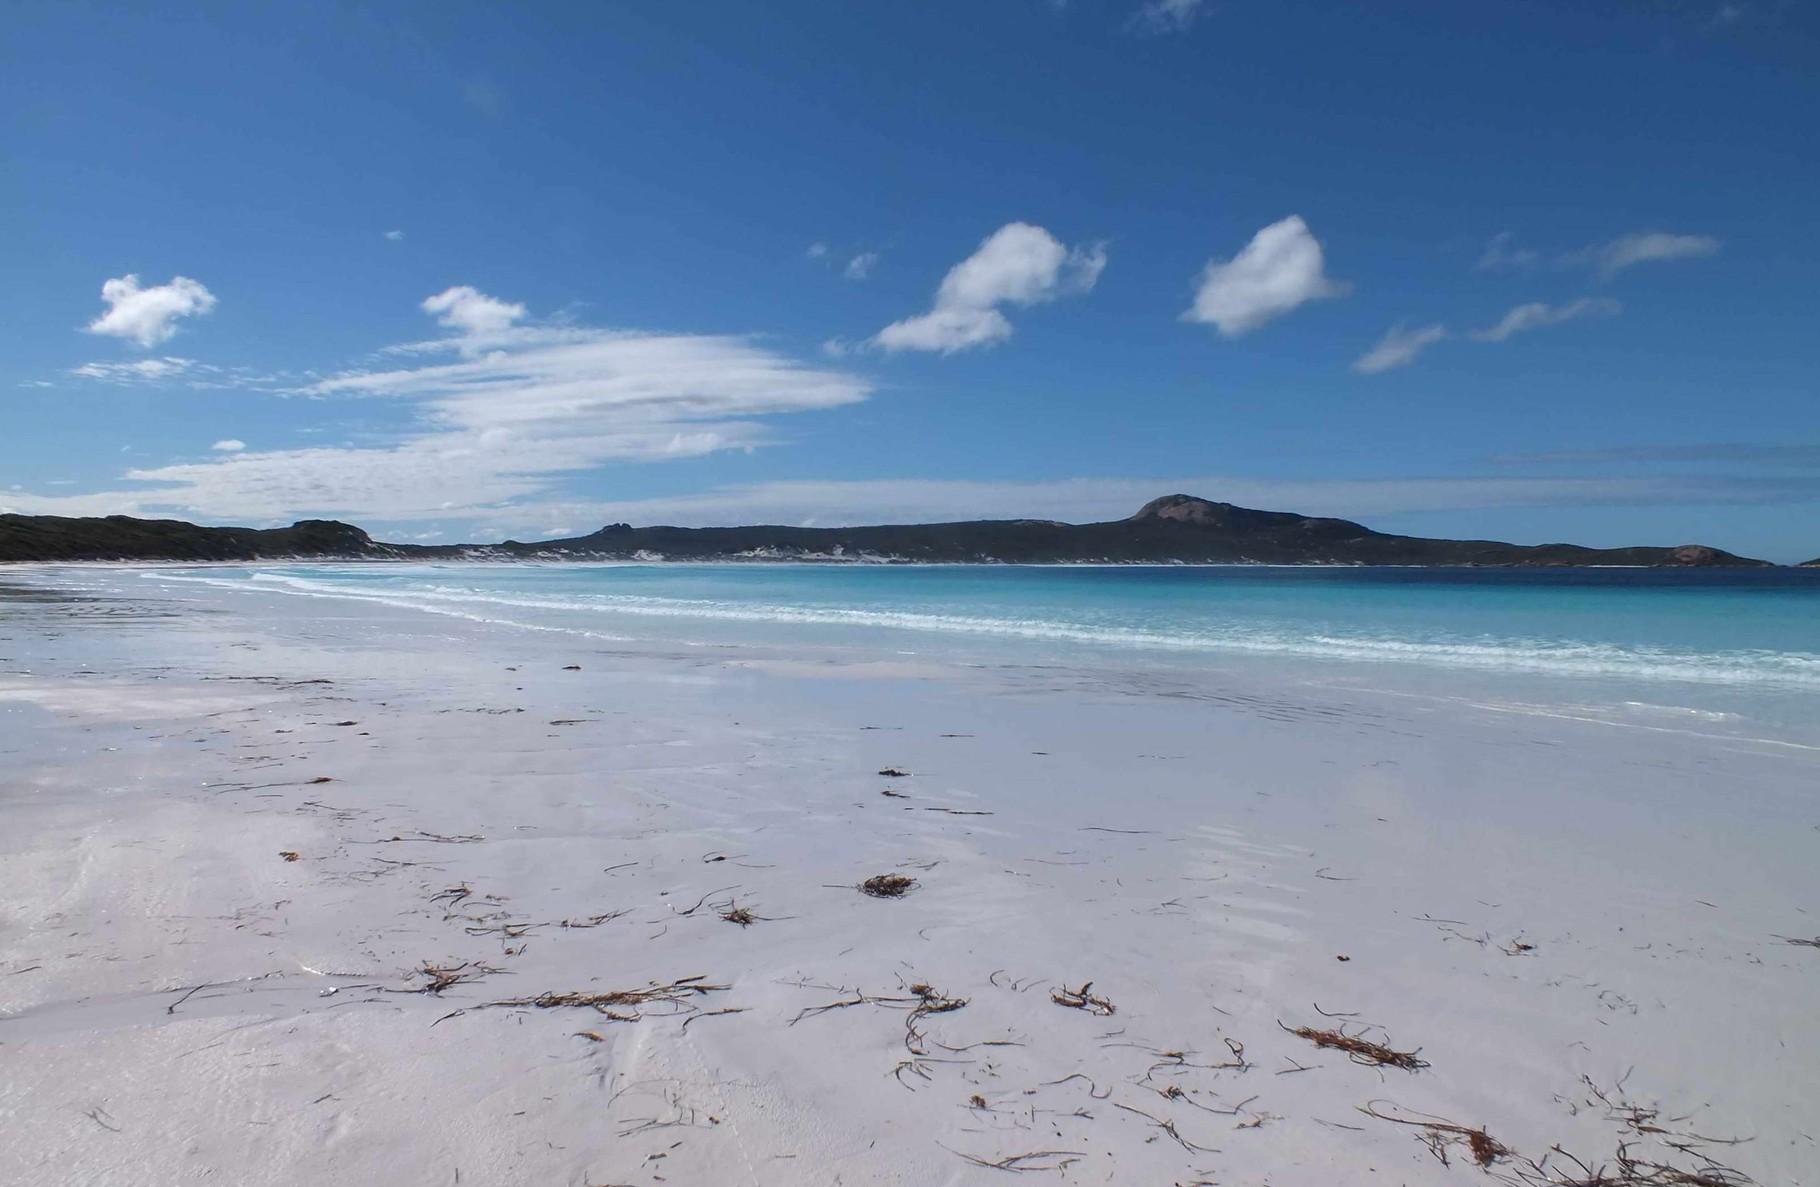 Cape LeGrand NP in Western Australia